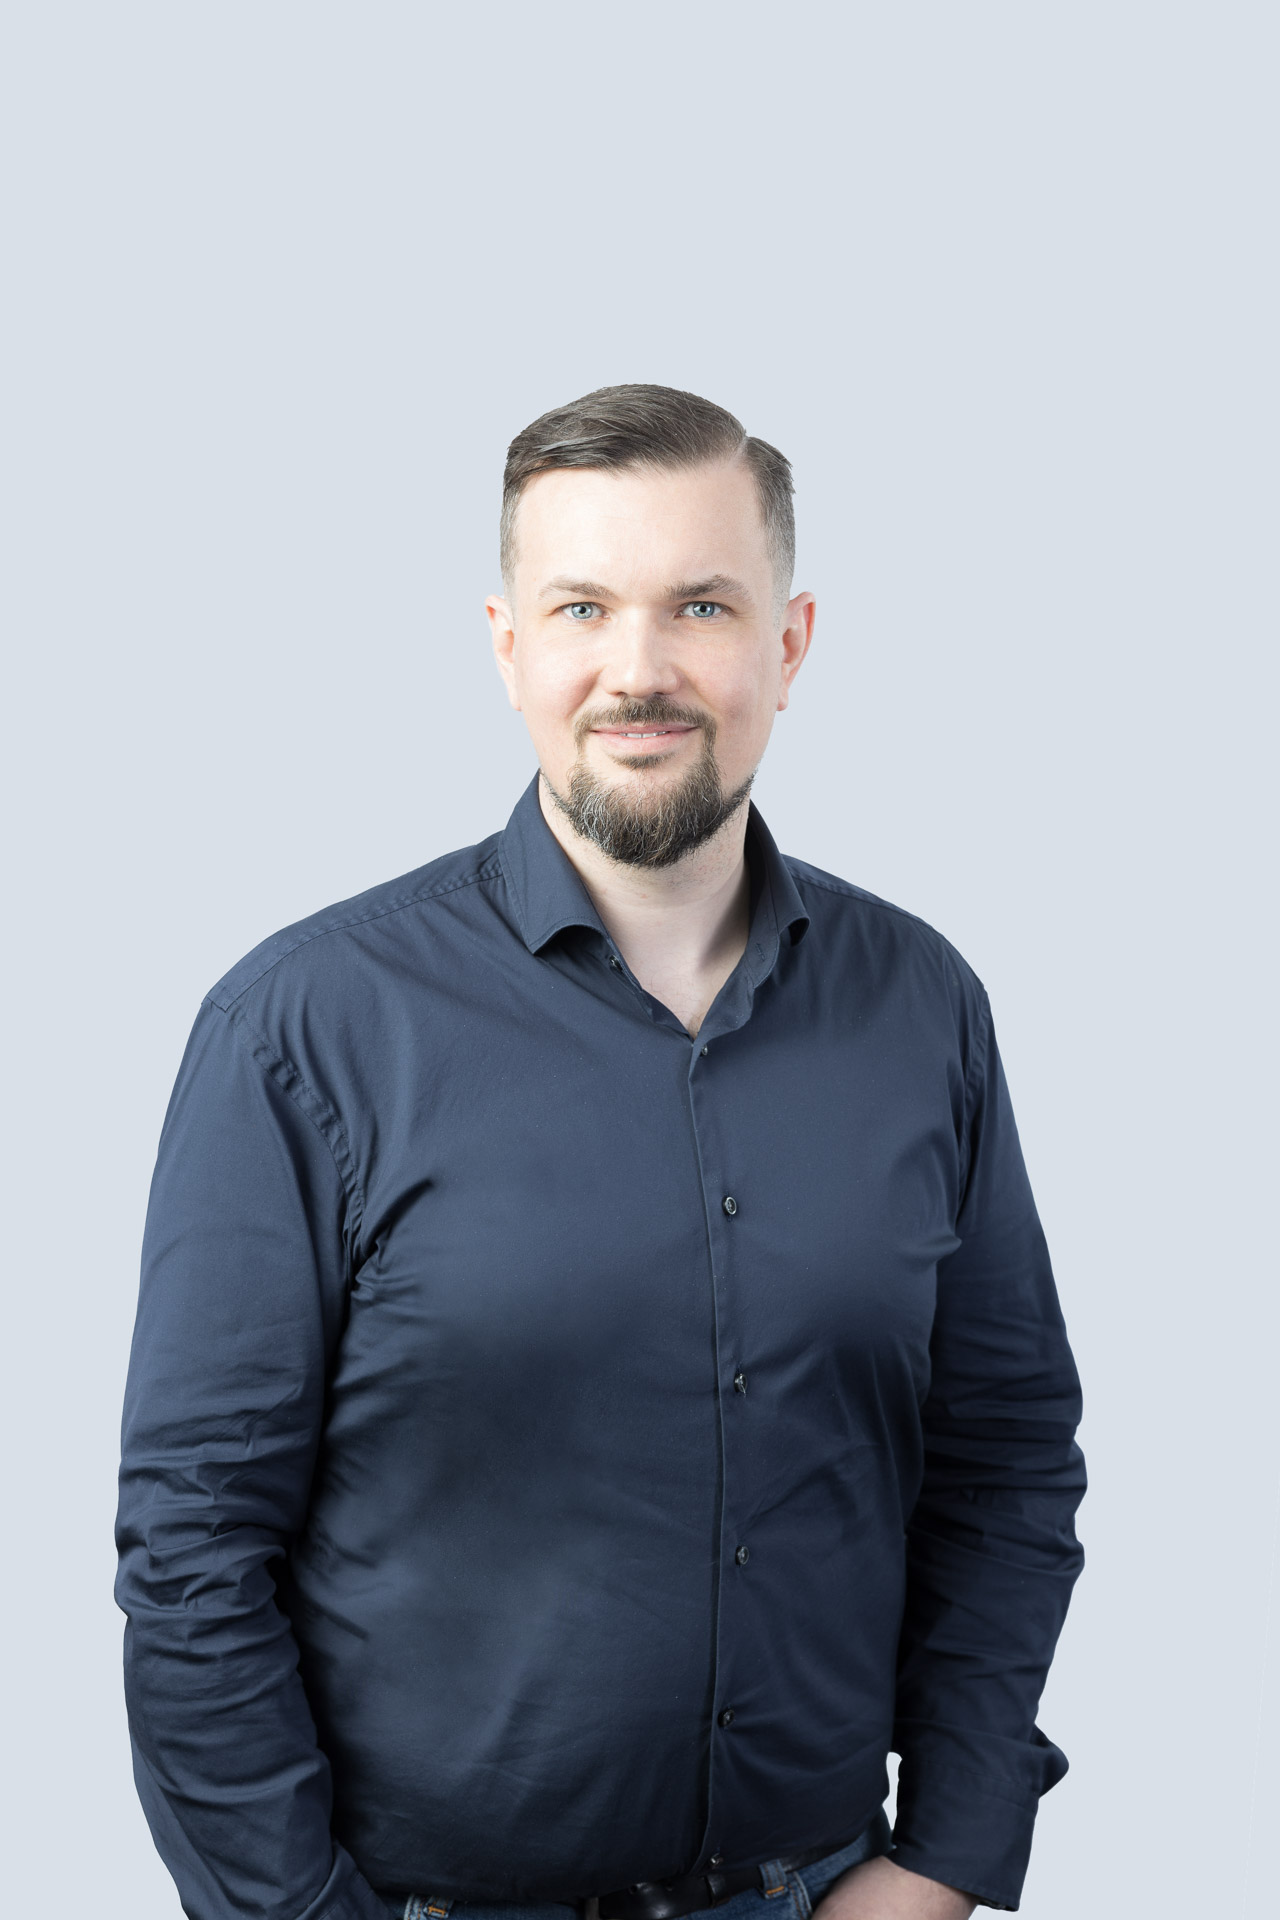 Rikard Jonsson